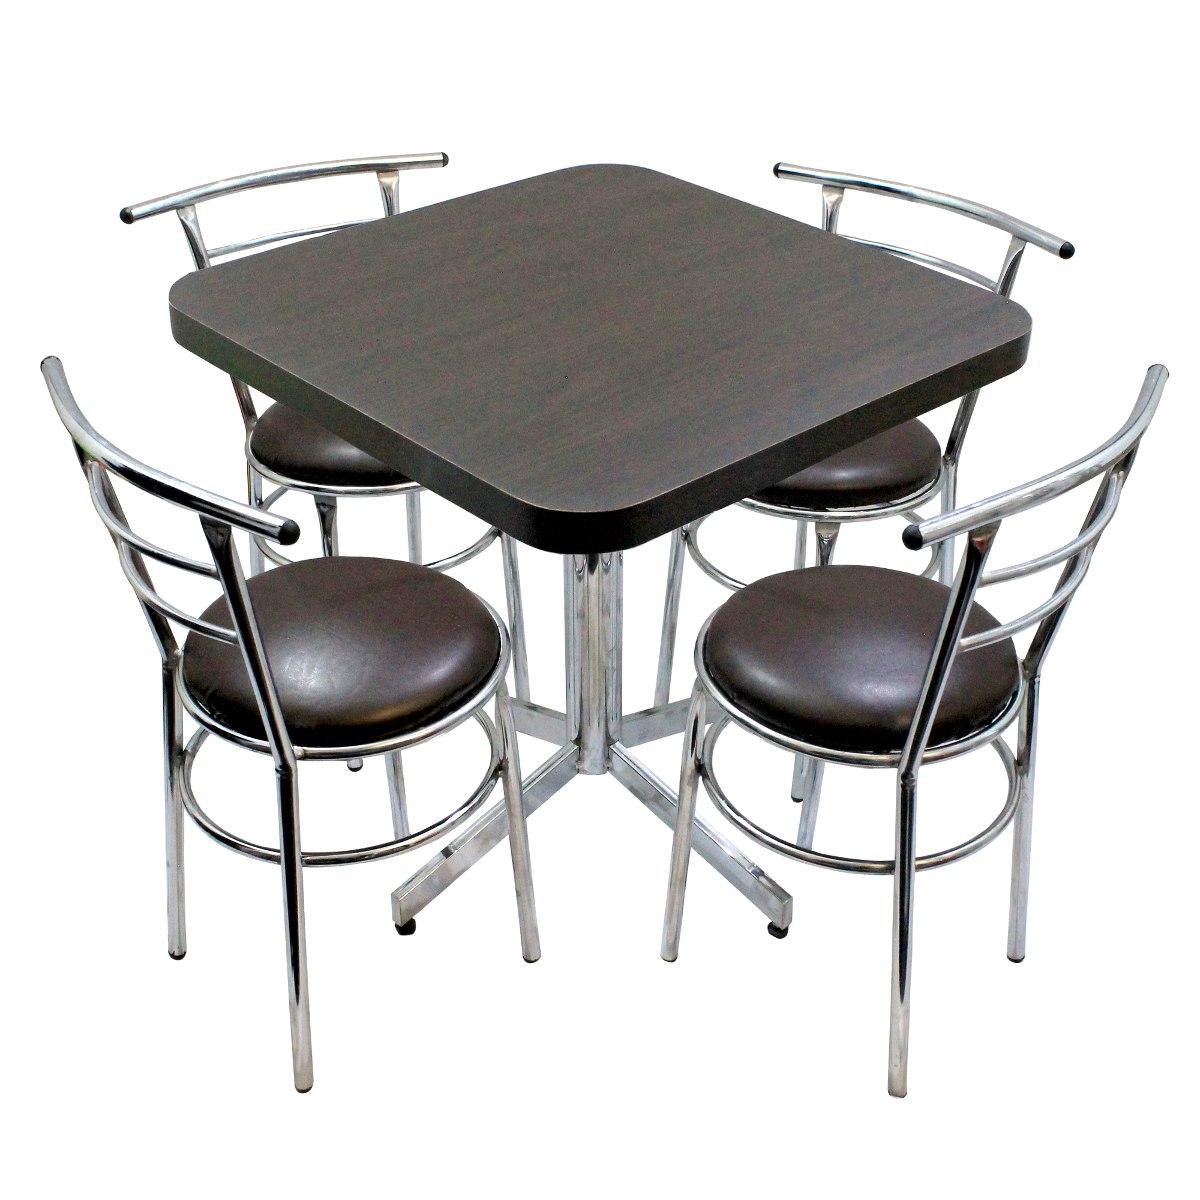 Mesas Y Sillas Para Cafeteria Whdr Mesa Con Sillas Para Restaurante Bar Cafeterà A Edor 2 061 00